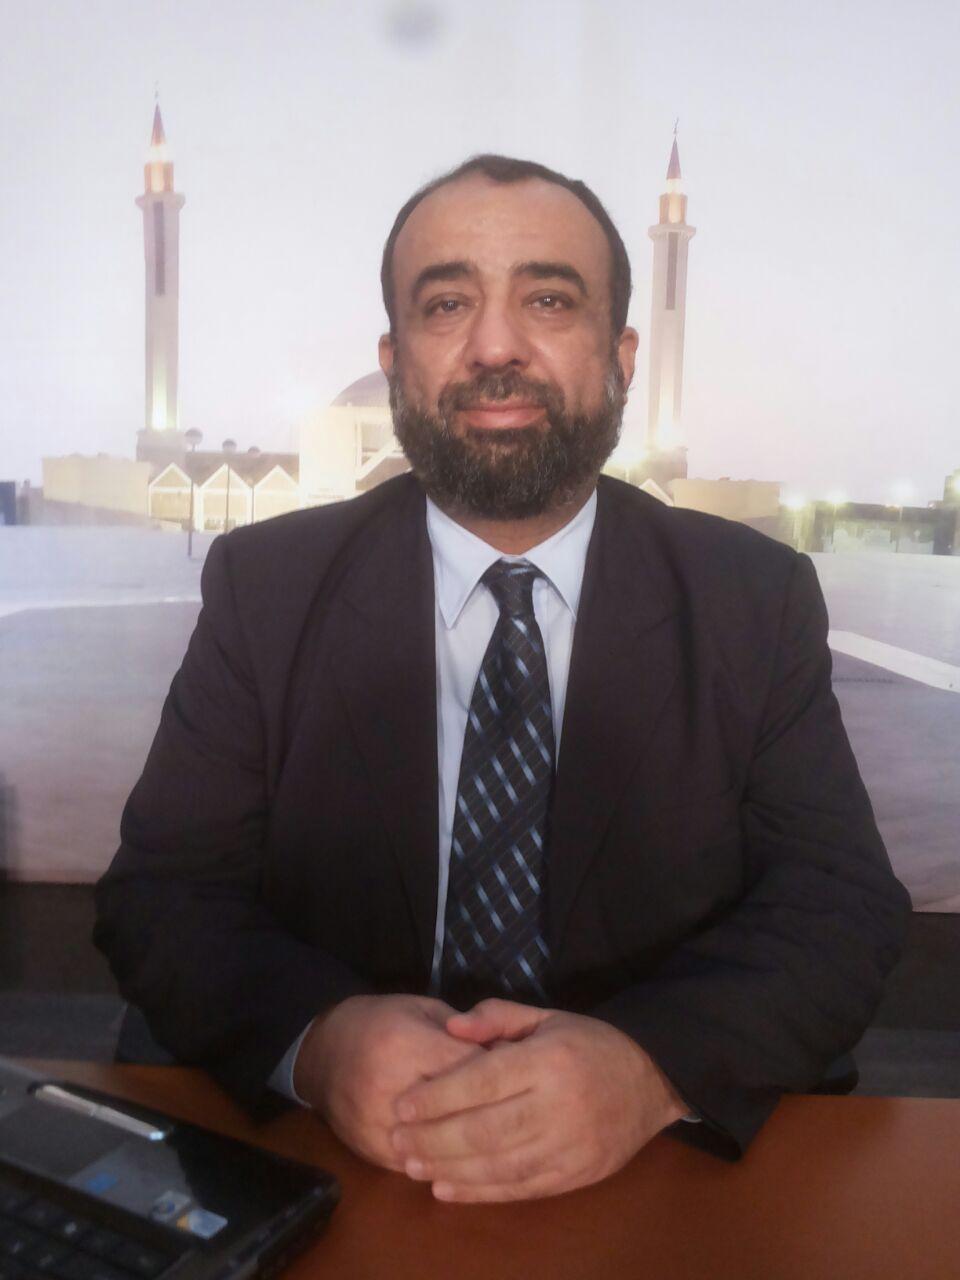 الوحدة الوطنية وسلامة الجبهة الداخلية في الأردن